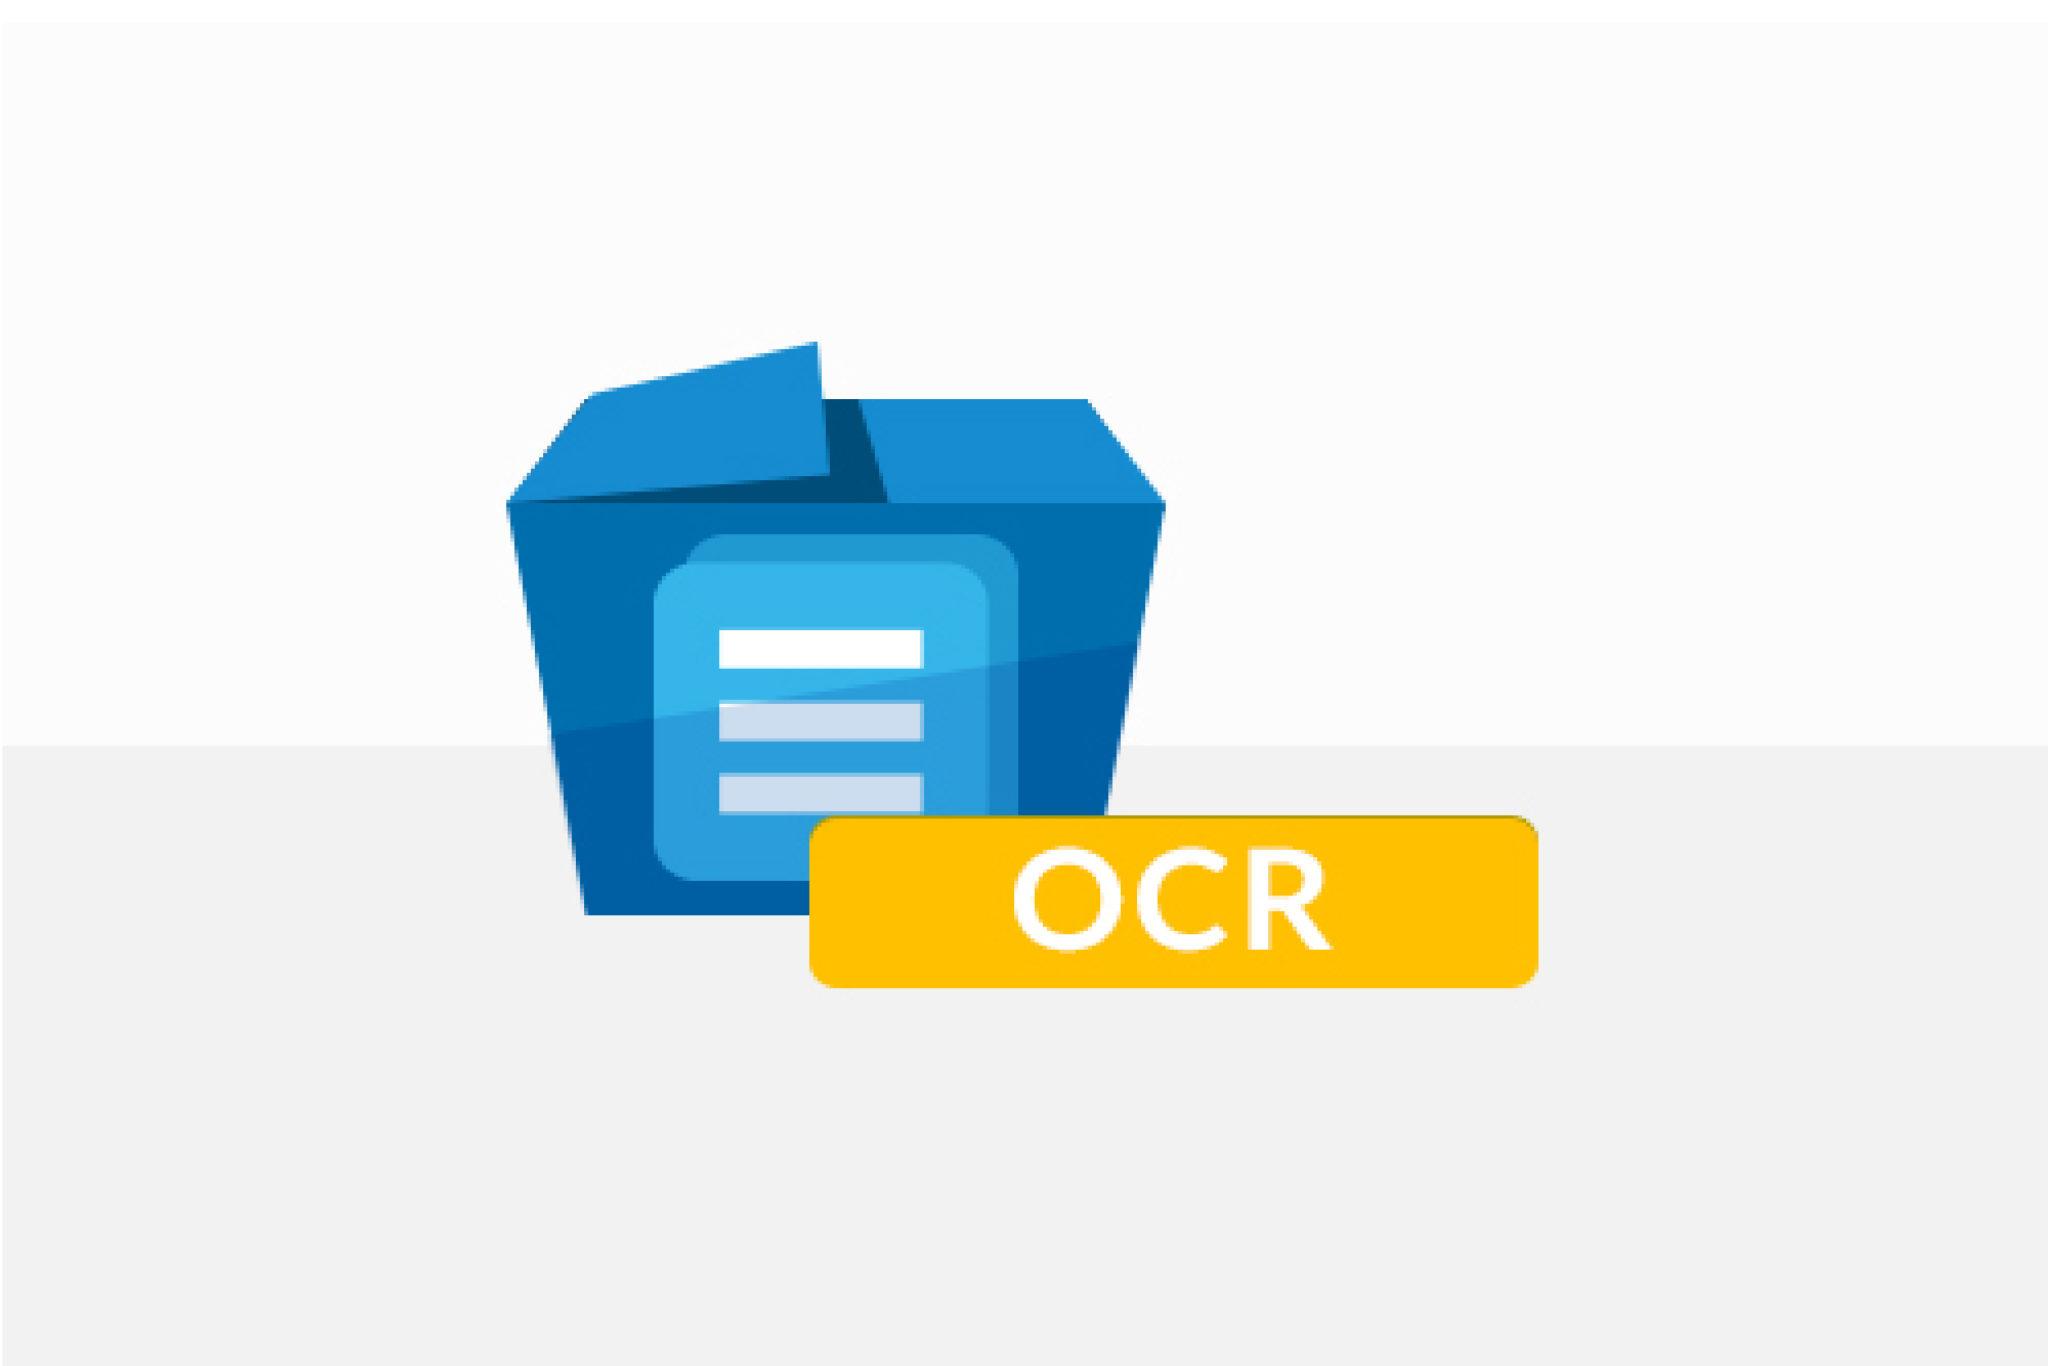 OCR là gì